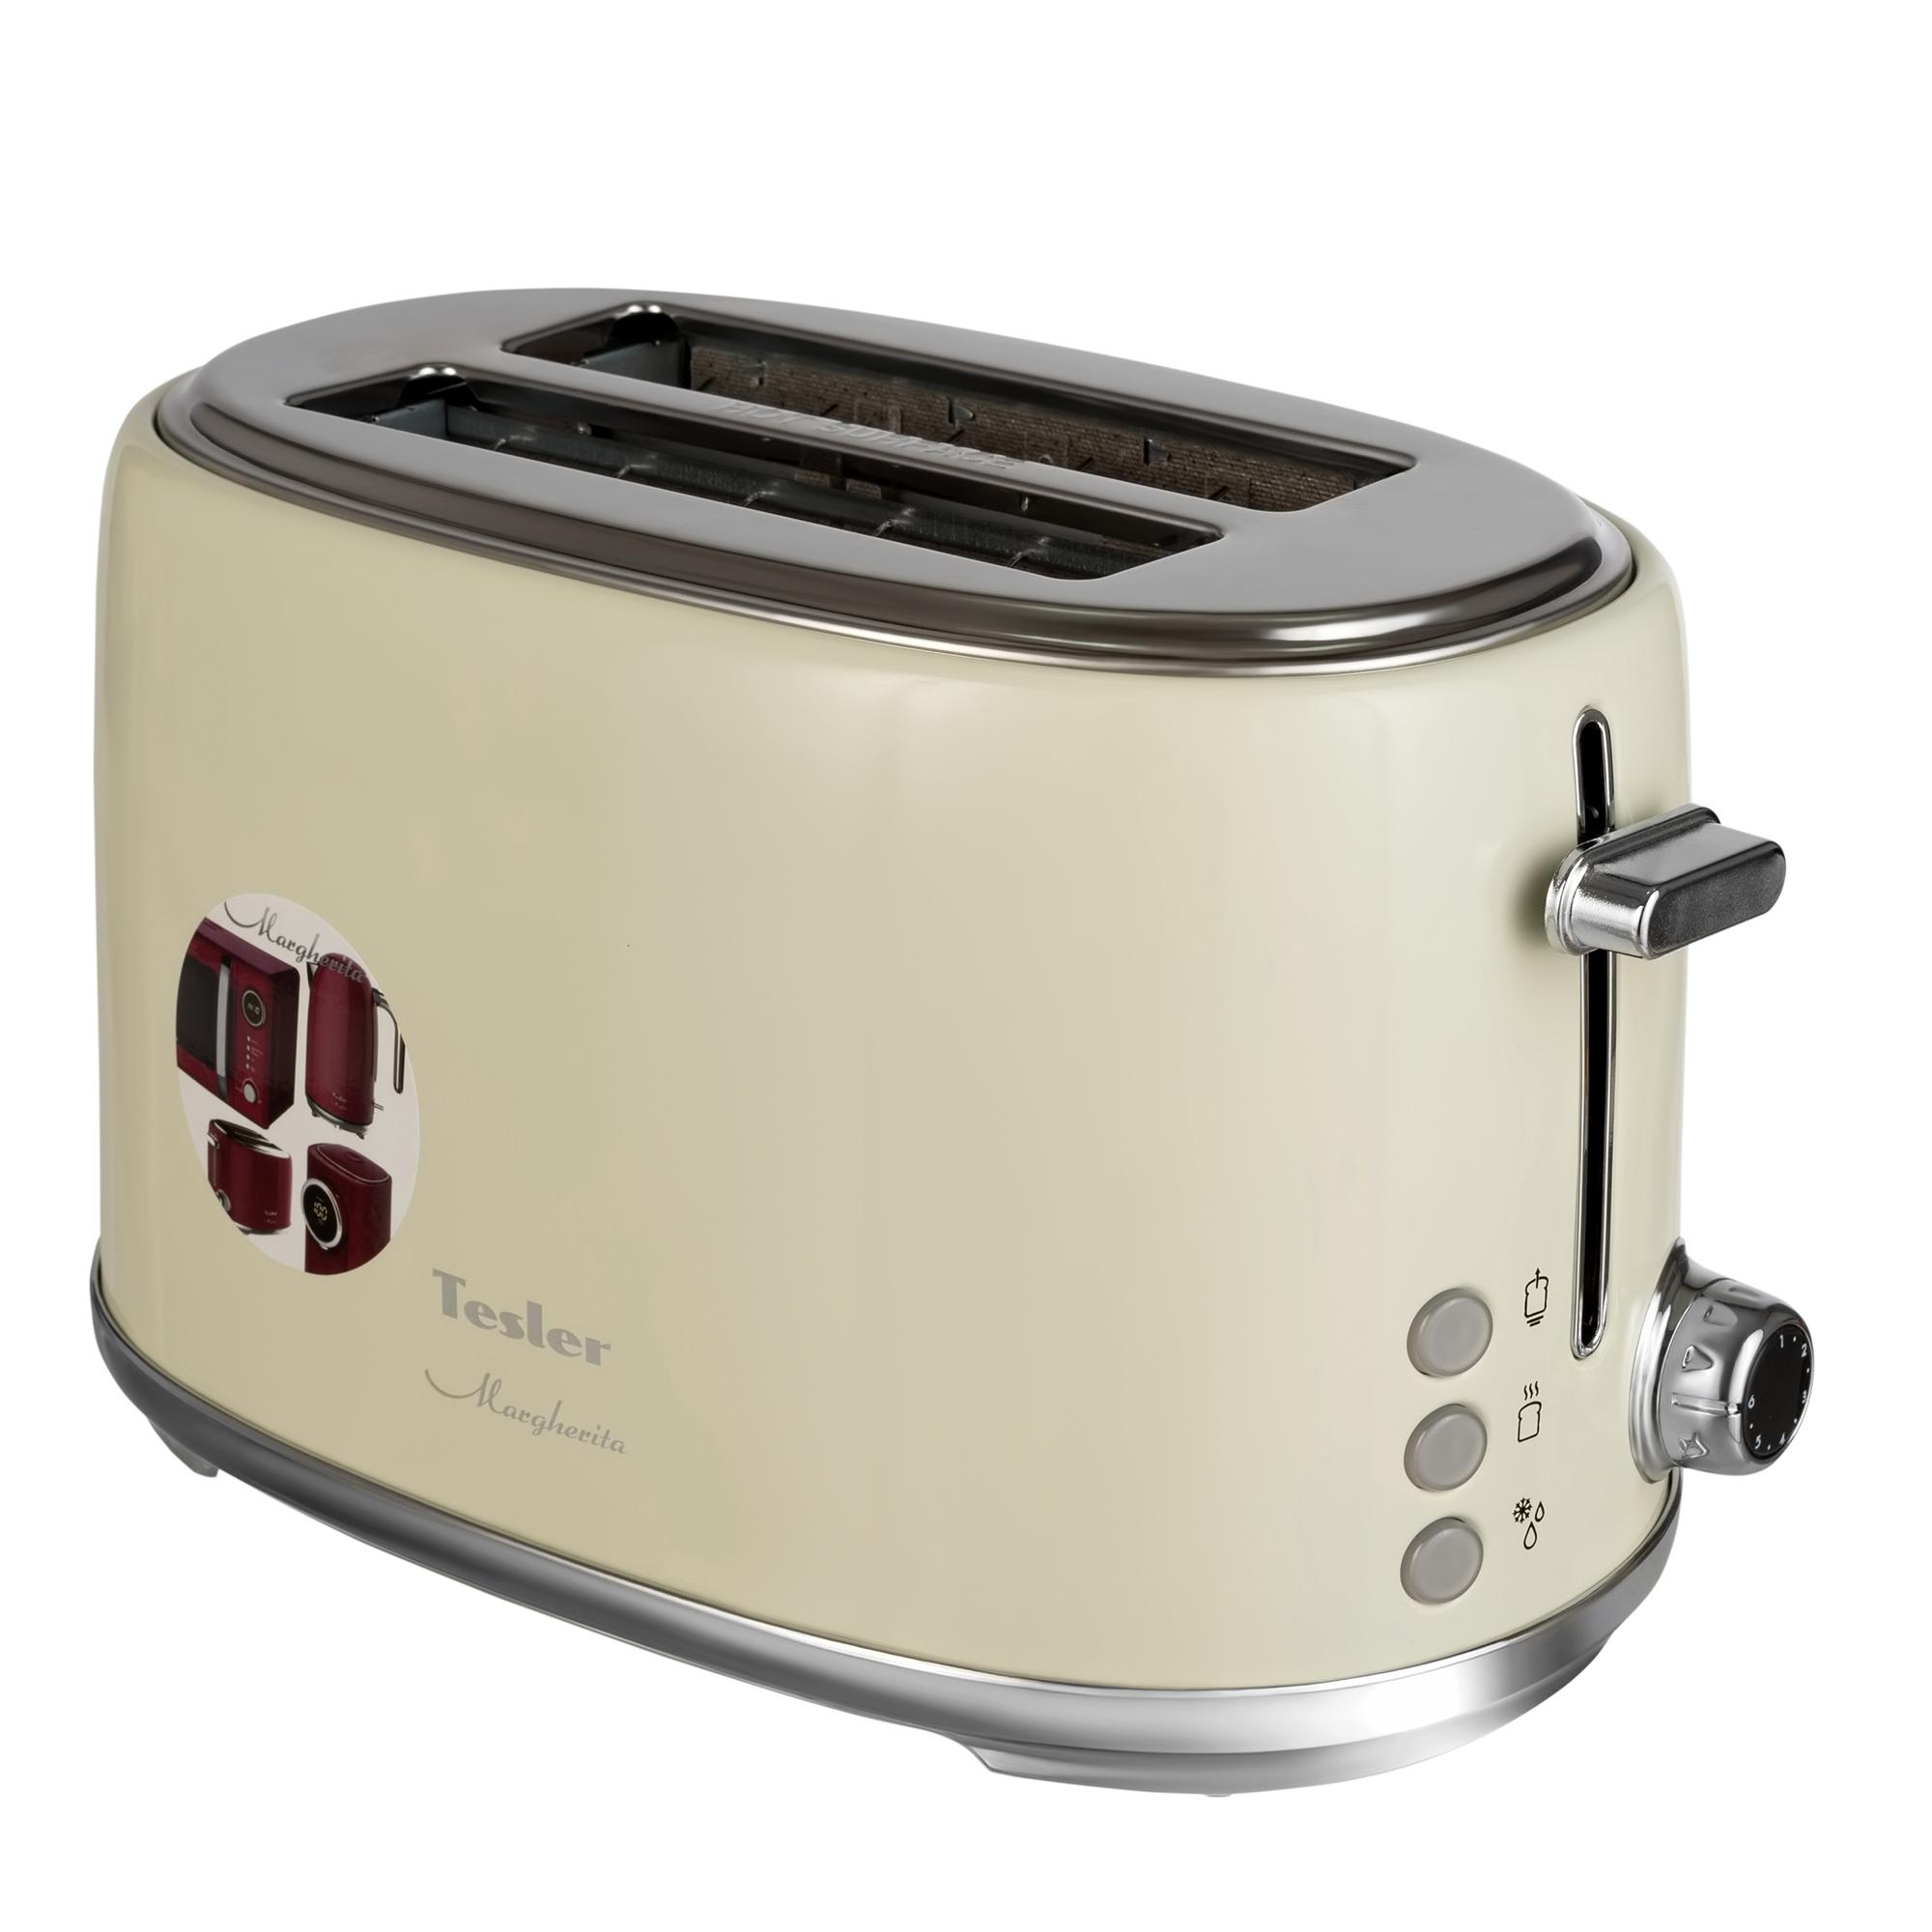 Тостер Tesler TT-255 Beige, бежевый 900 Вт, 6 режимов, электронное управление морозильник tesler rf 90 белый